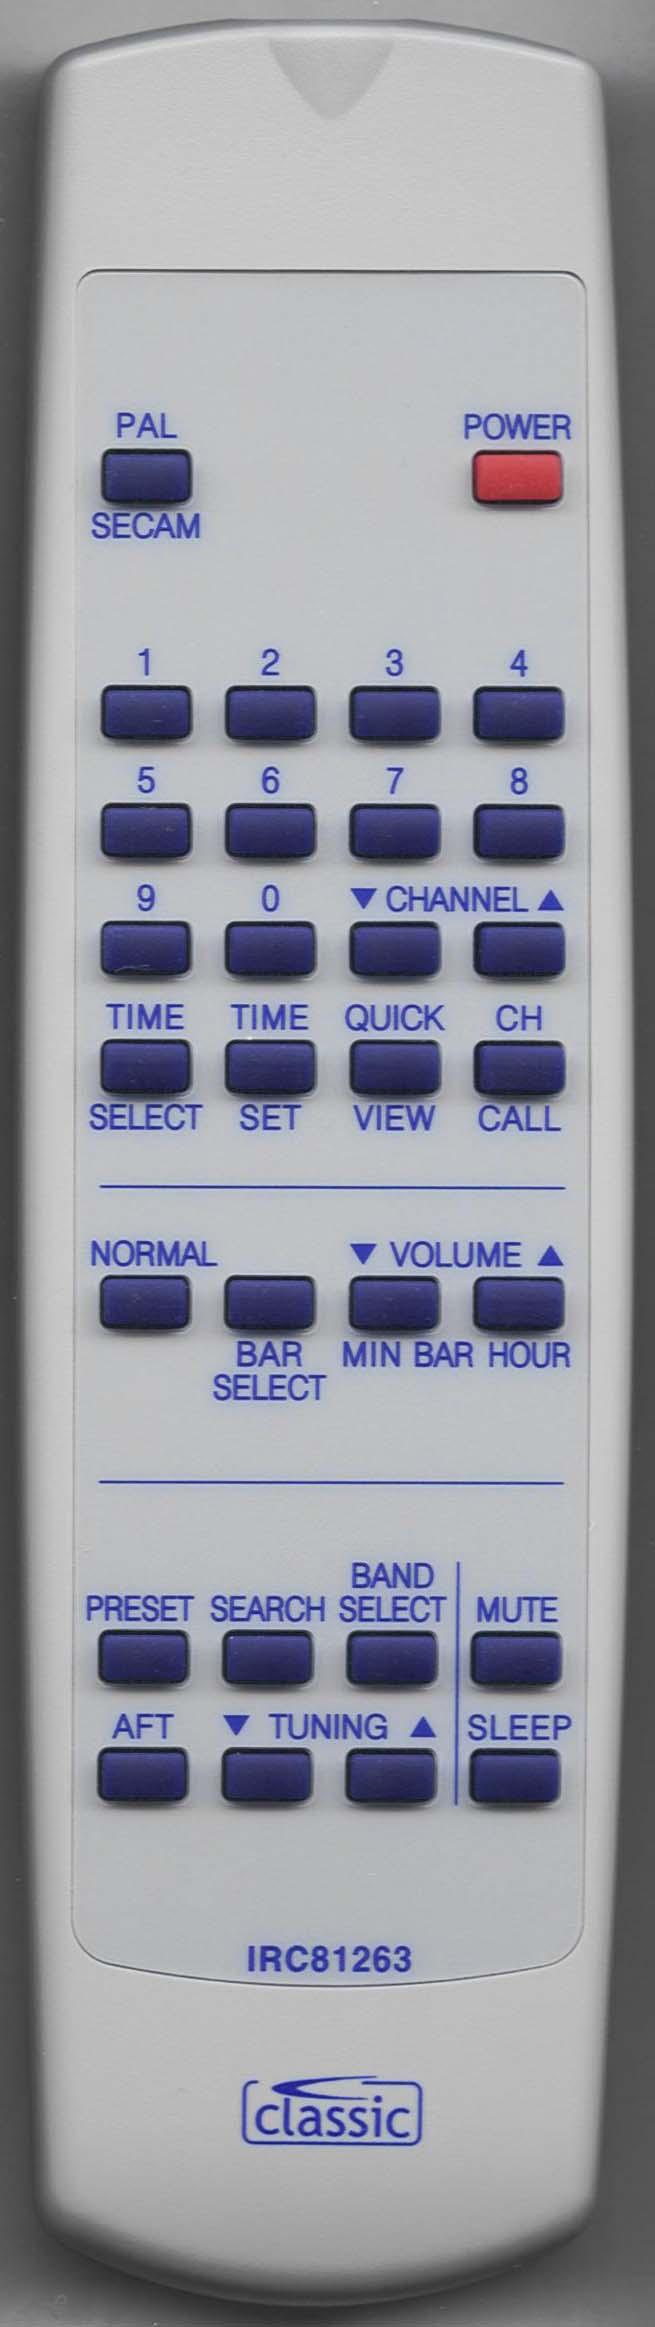 MATSUI 076G047240 Remote Control